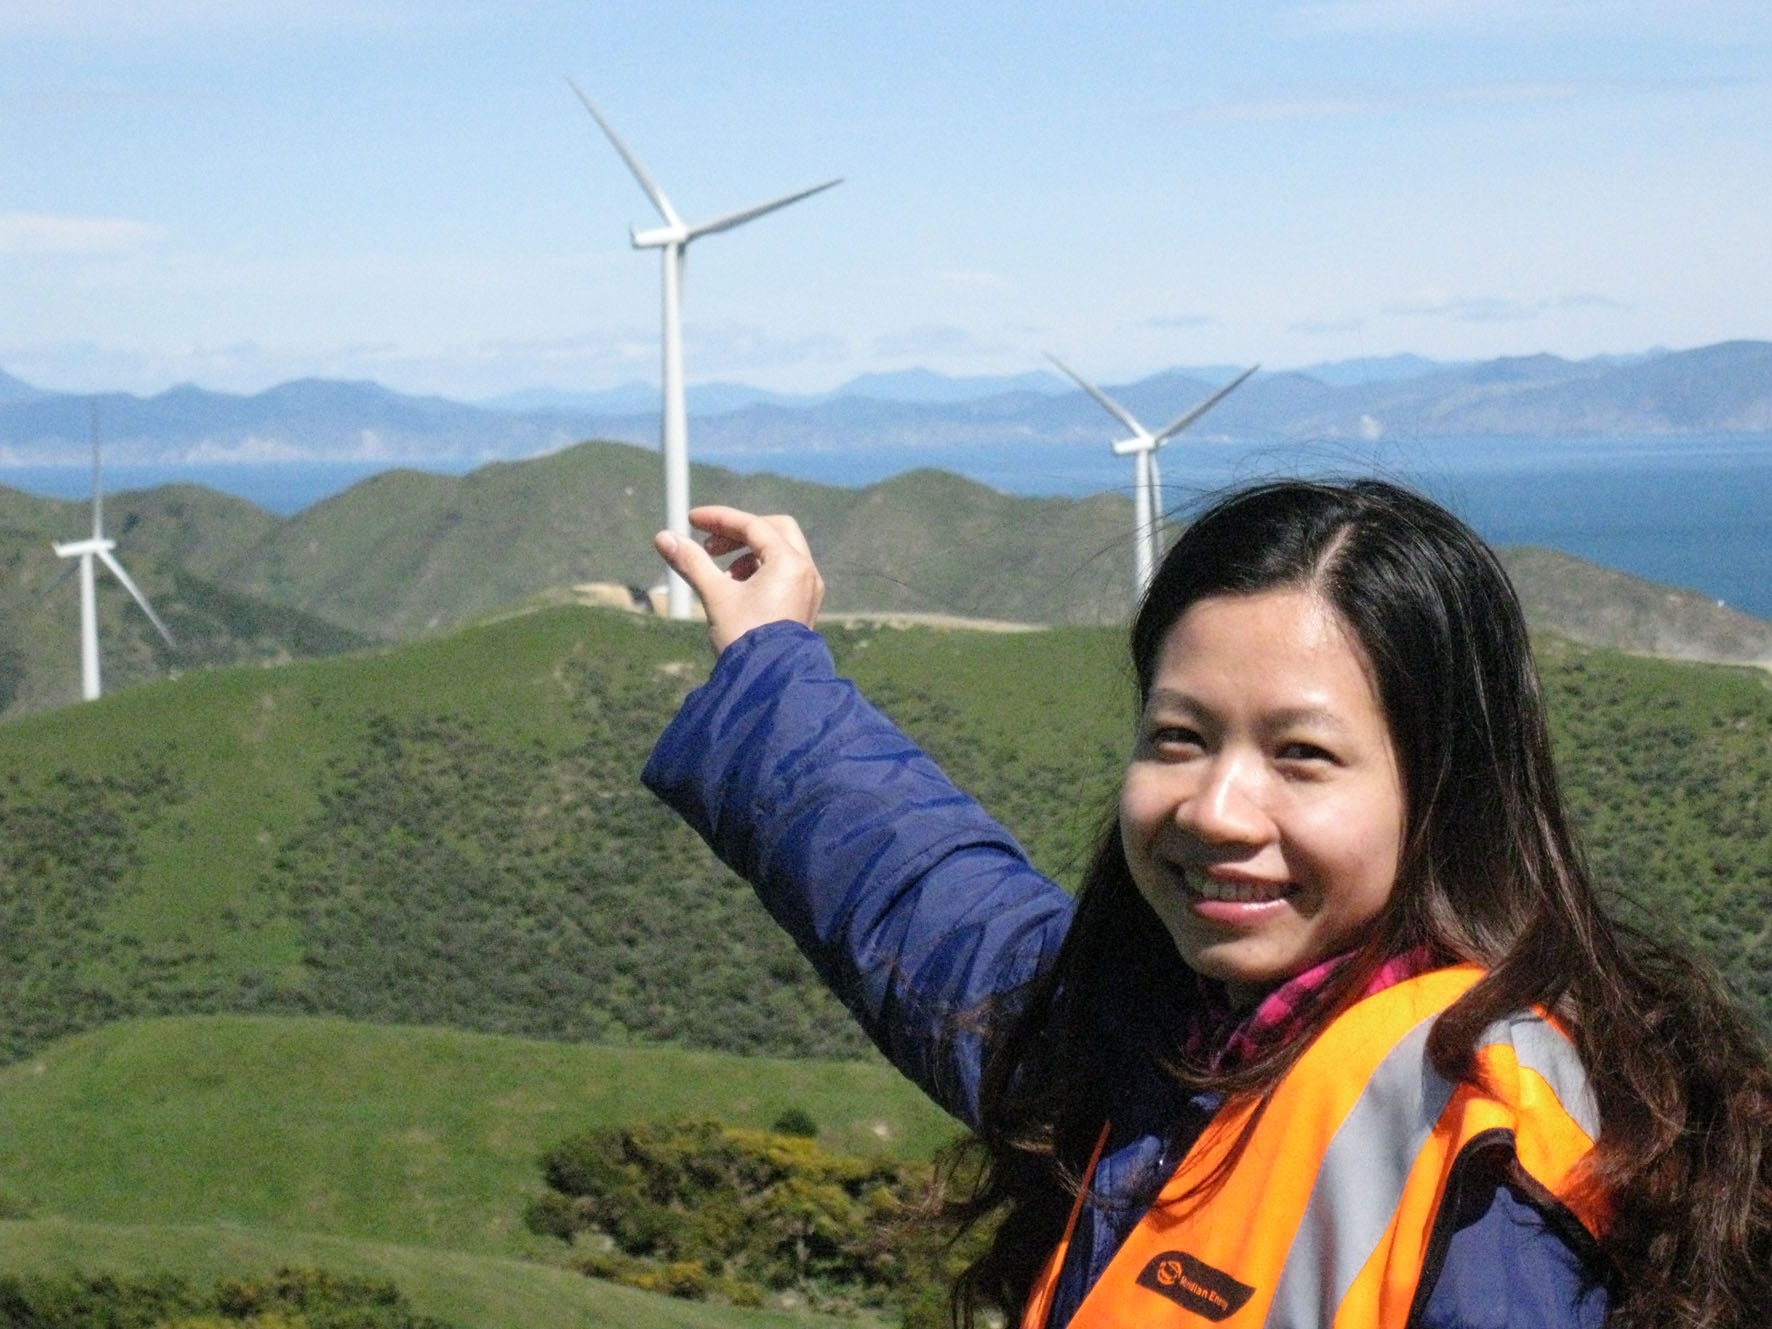 Comienza construcción de primera eólica en Soc Trang